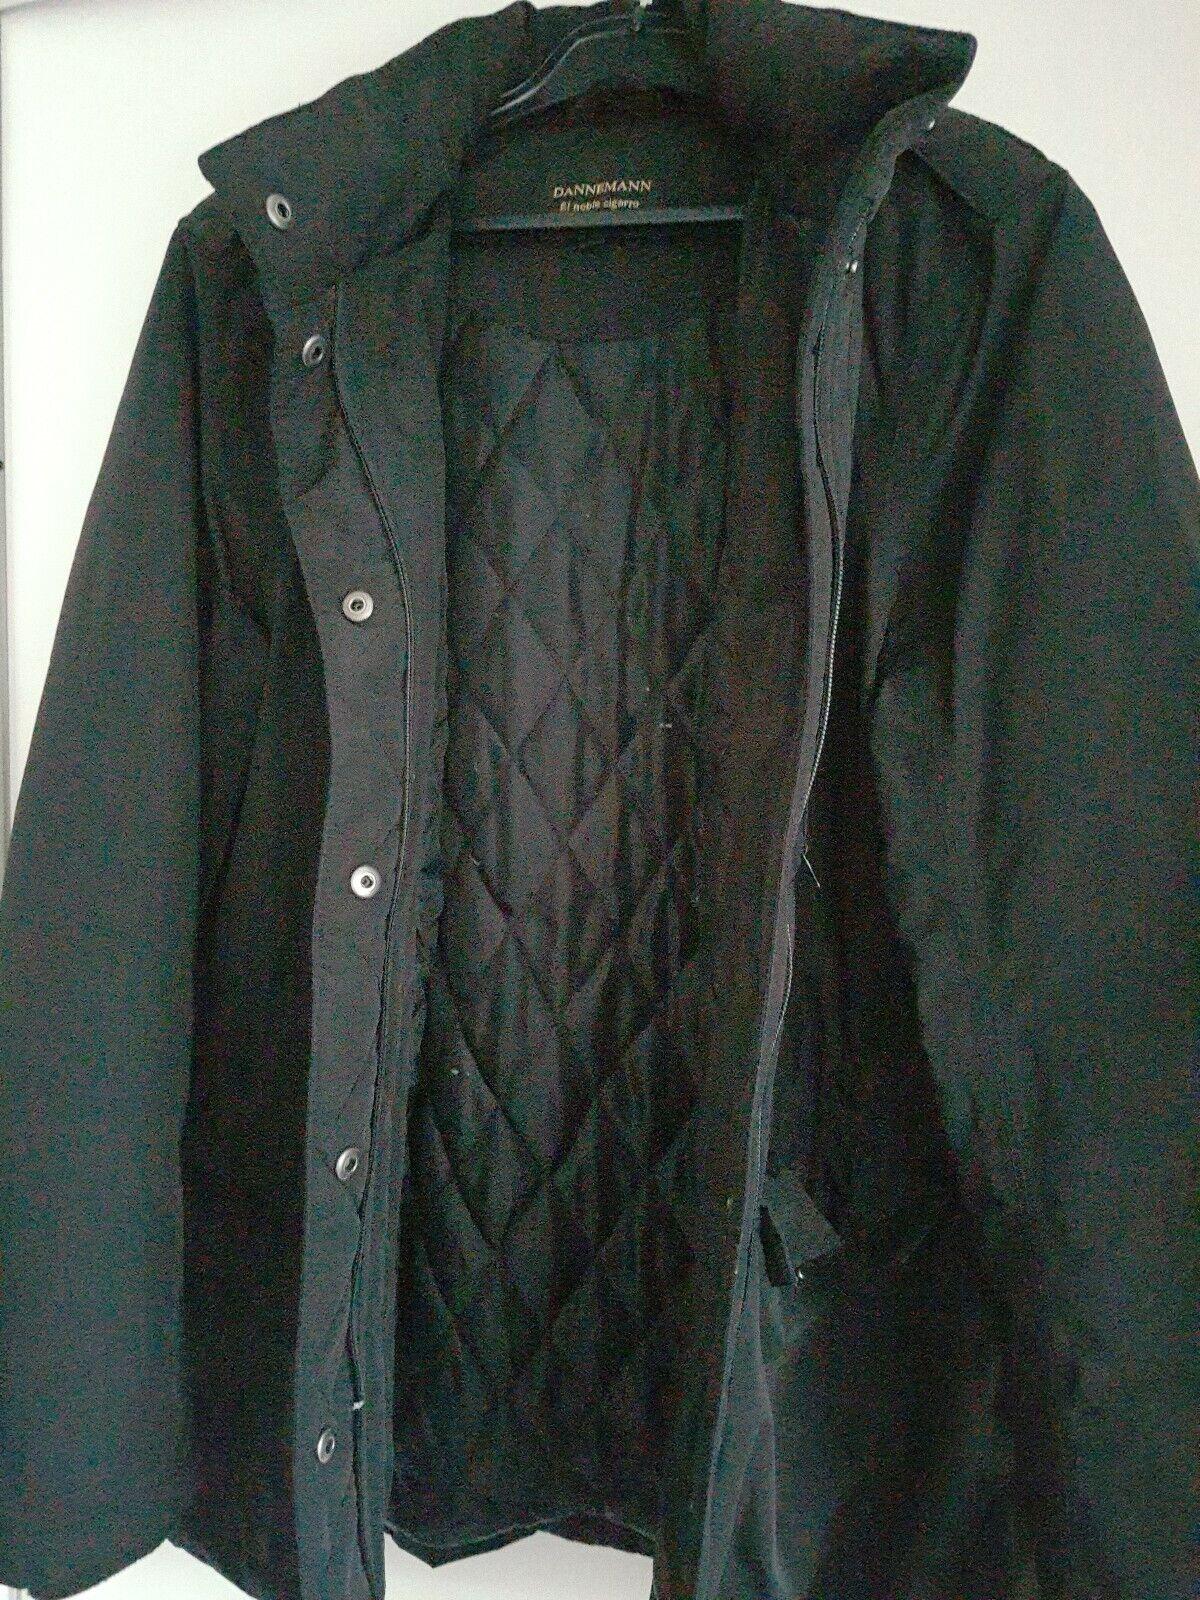 Damen Jacke Dannemann Zigarillos Schwarz Gr.L, Getragen | eBay